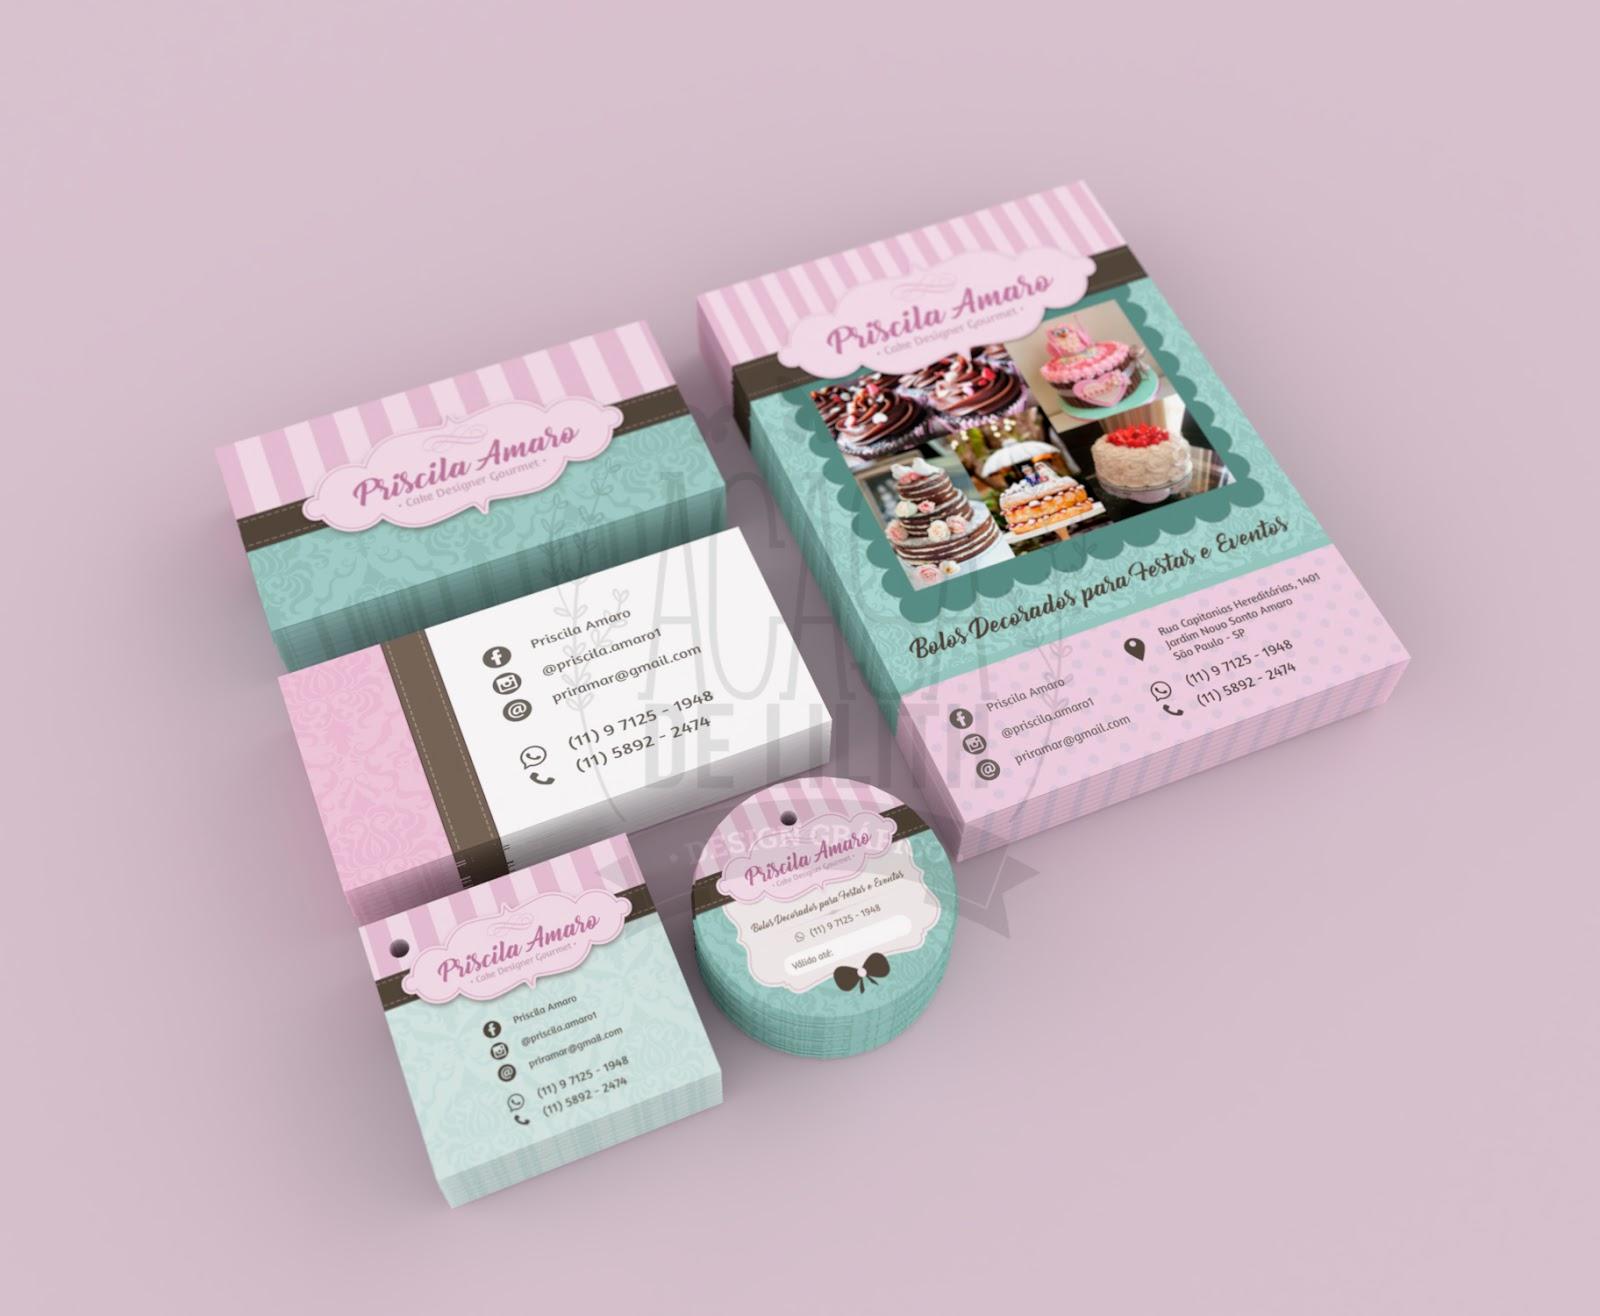 Criação de Papelaria Personalizada - Confeitaria / Cake Designer - Priscila Amaro